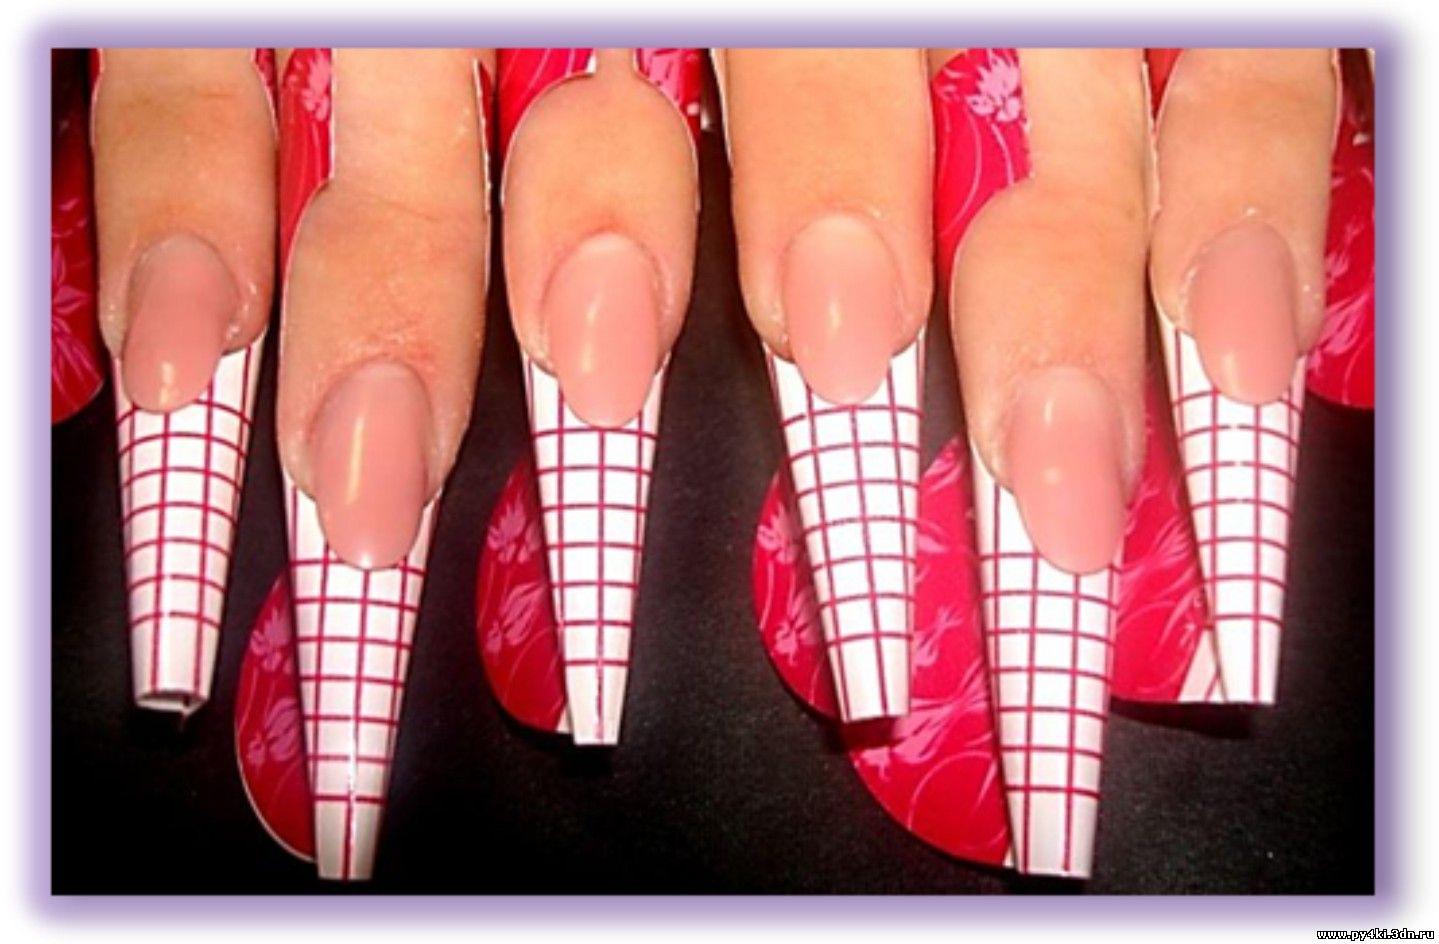 Как выглядят ногти на формах фото